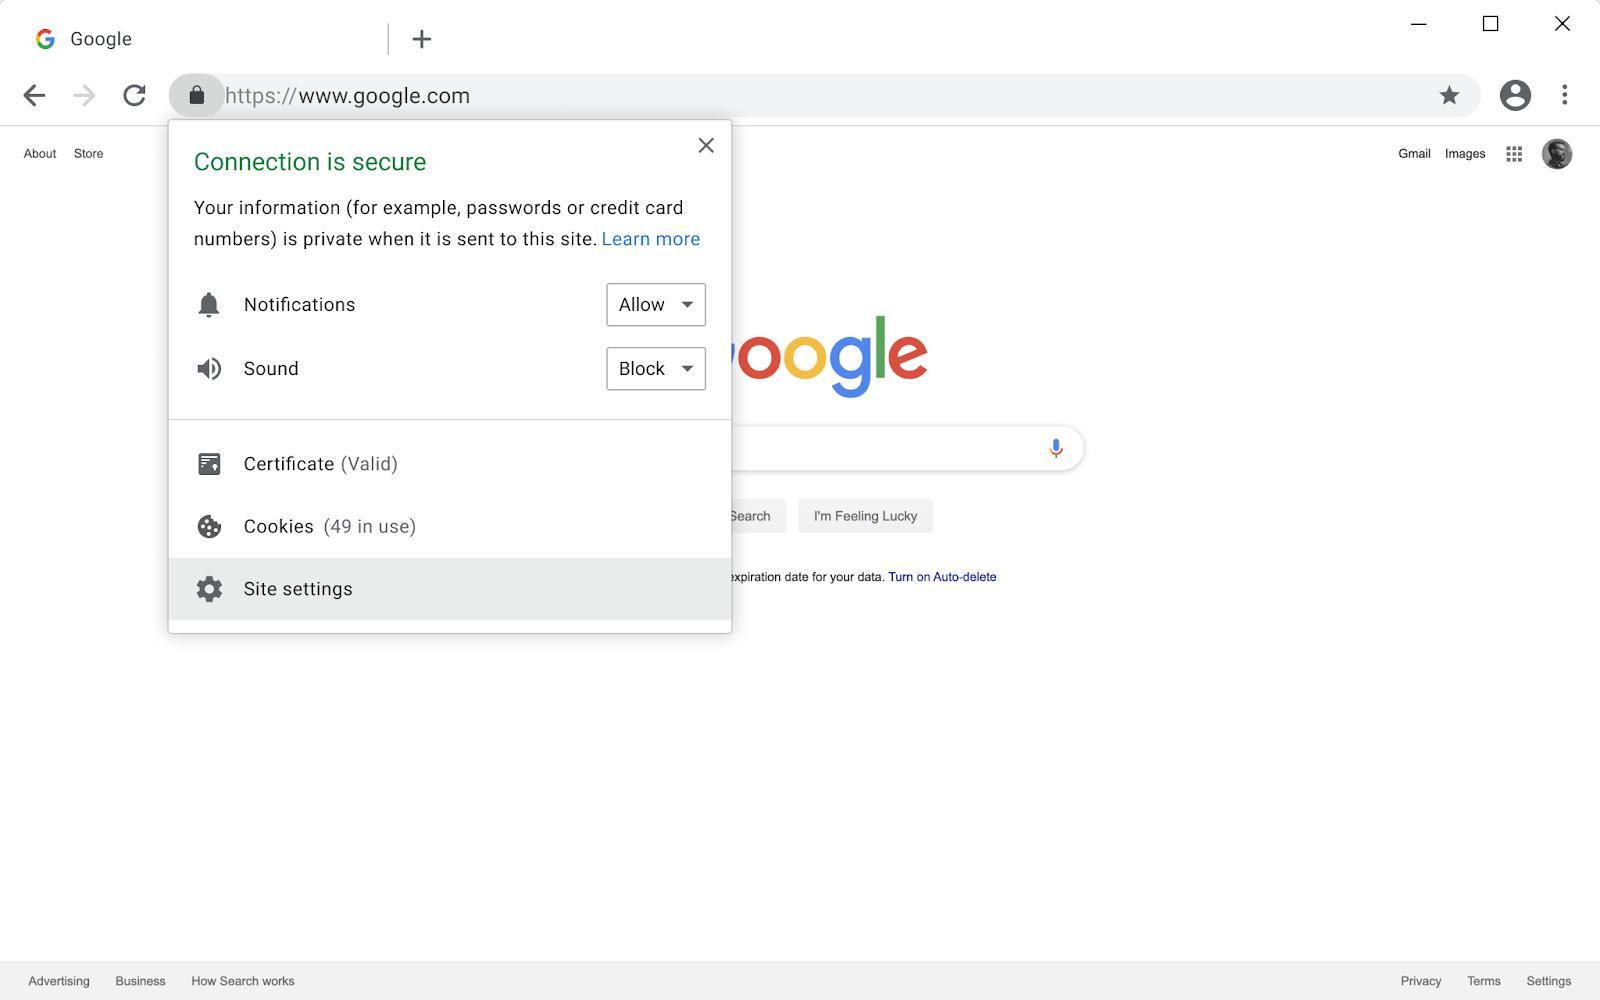 Chrome 79 page info